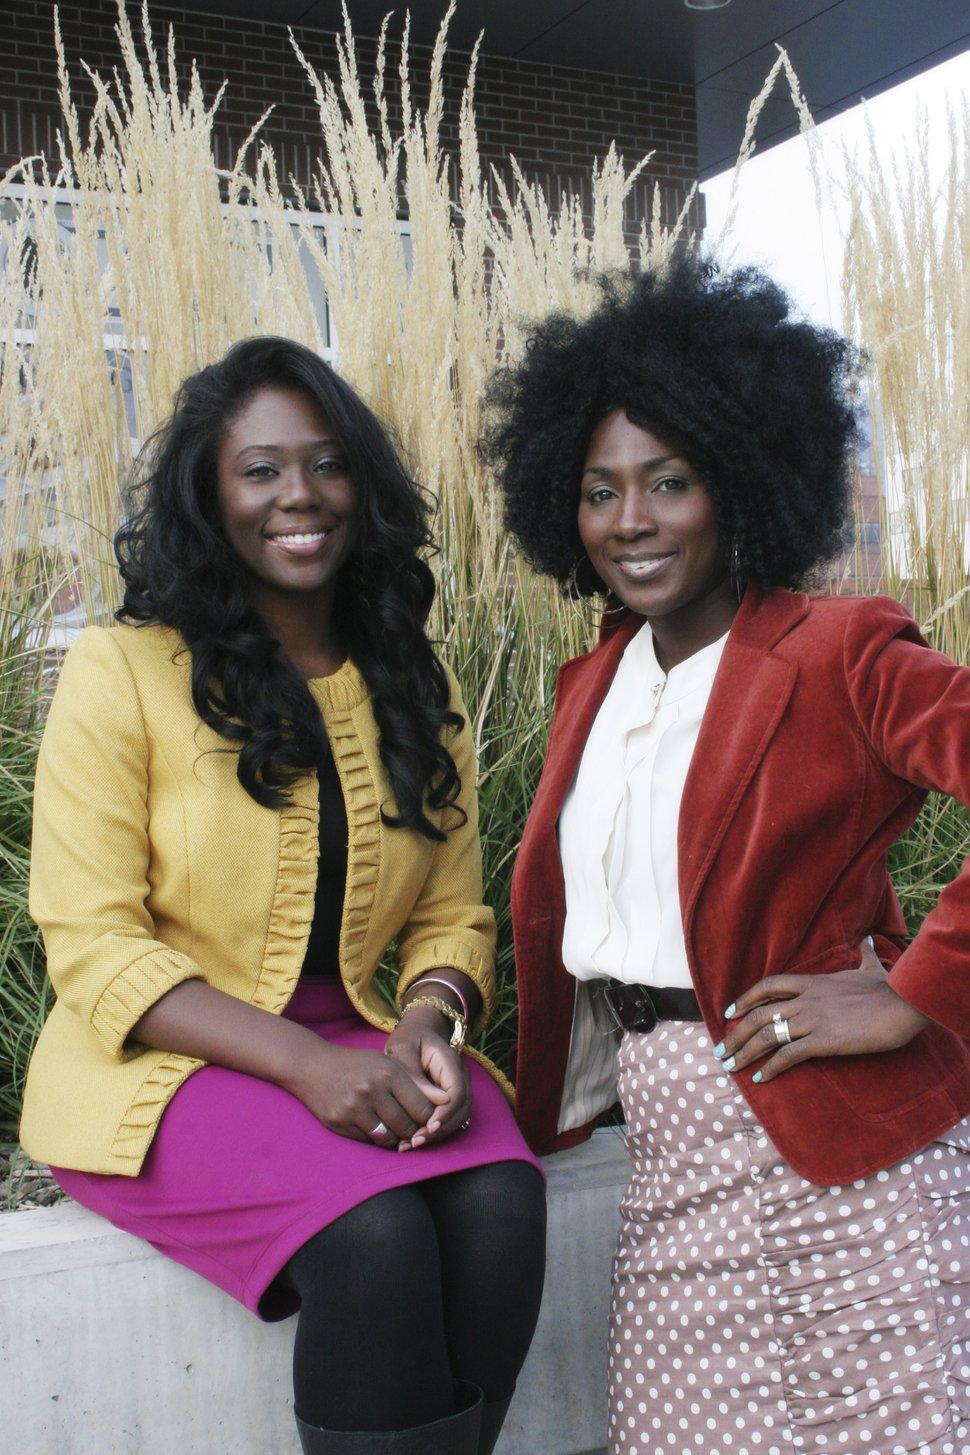 (Photo courtesy of Mama Rine Clark) Zandra Vranes, left, Tamu Smith are